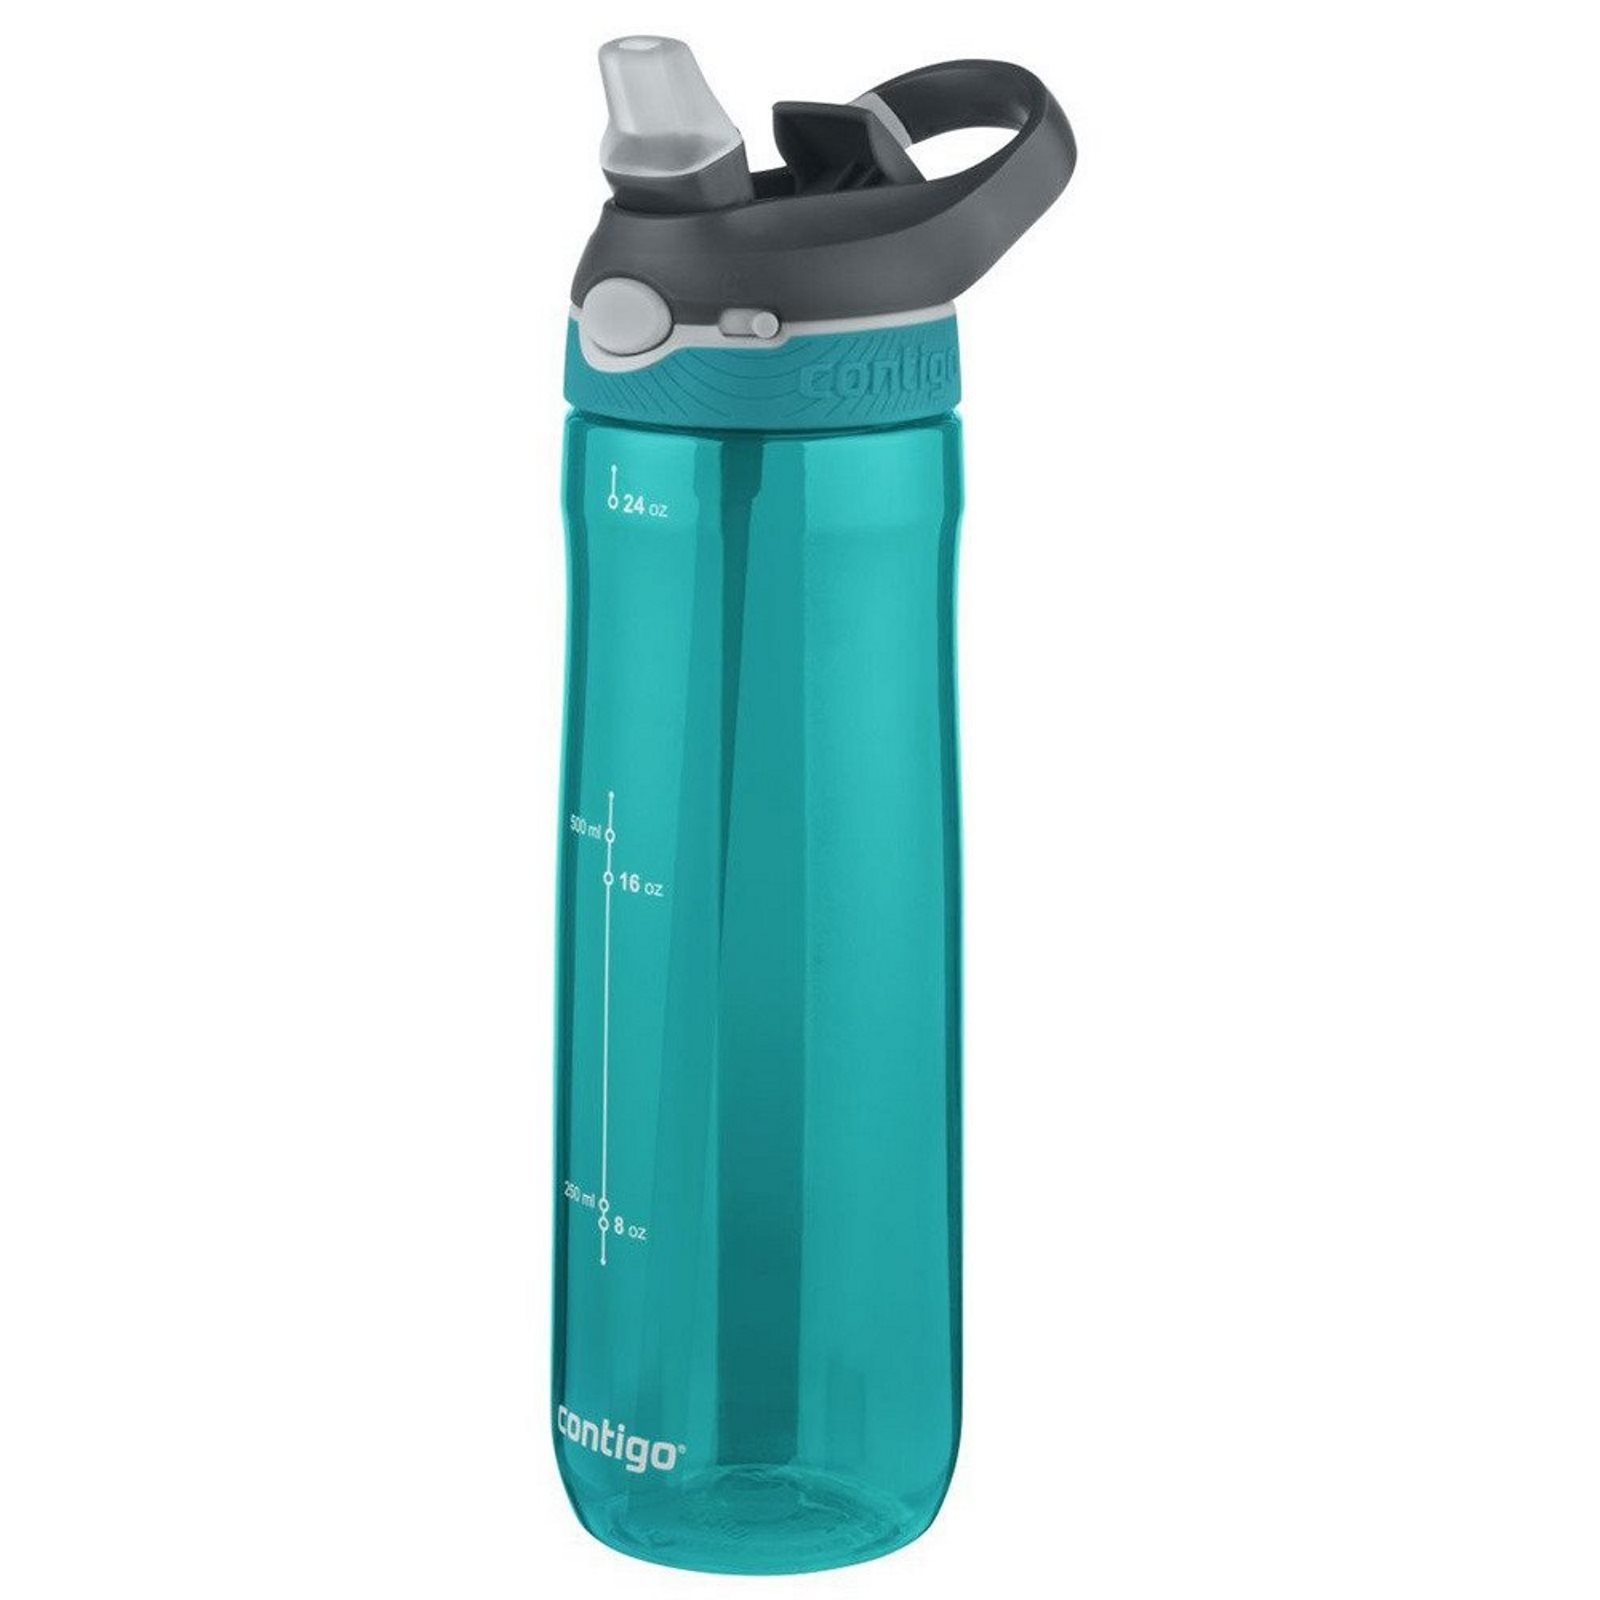 Онлайн каталог PROMENU: Бутылка спортивная Contigo ASHLAND Scuba, объем 0,72 л, зеленый Contigo 2094866